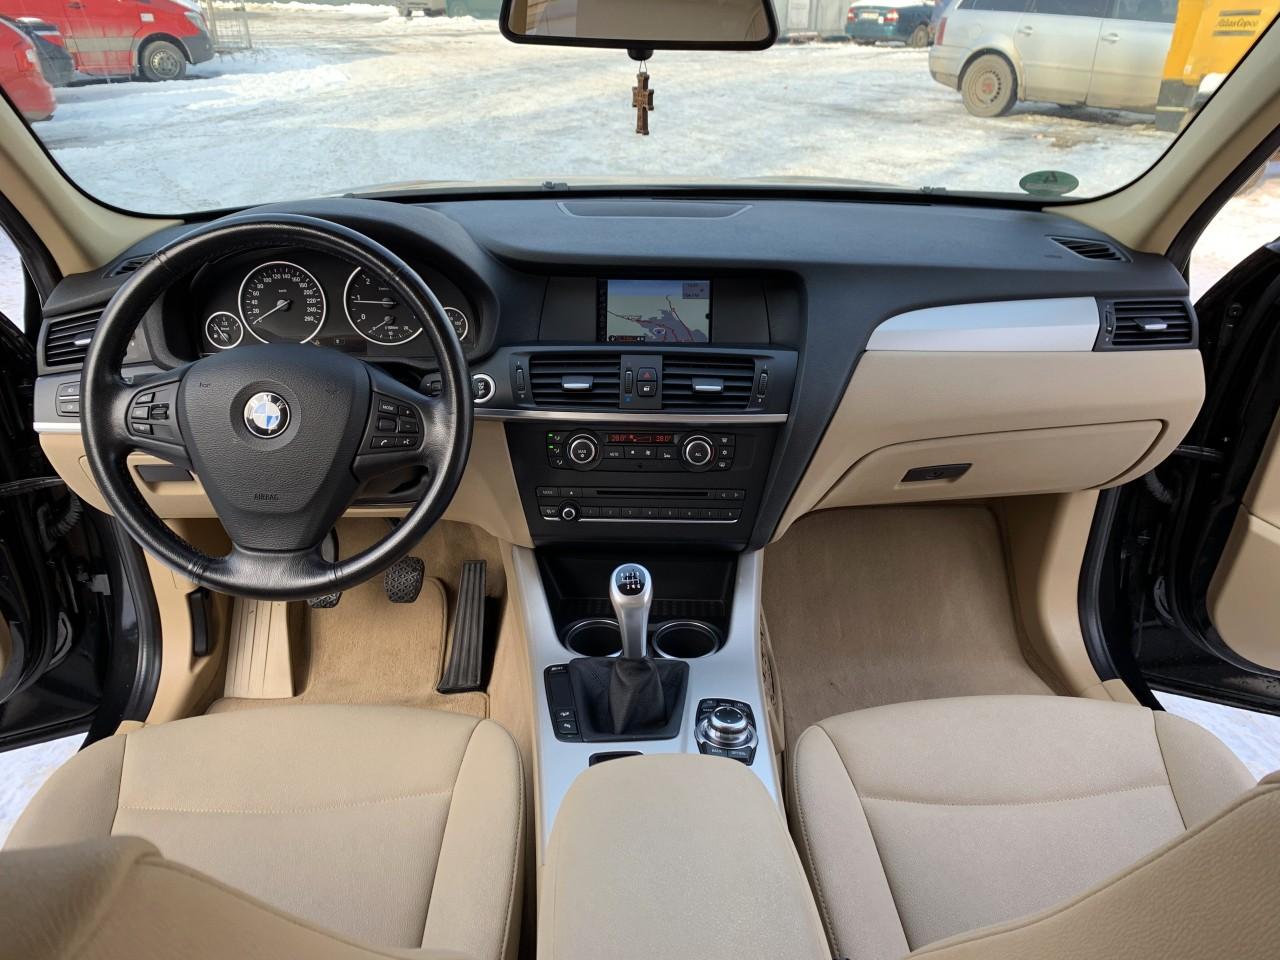 BMW X3 x-drive fab. 2011/ 2.0d 184 cp 2011